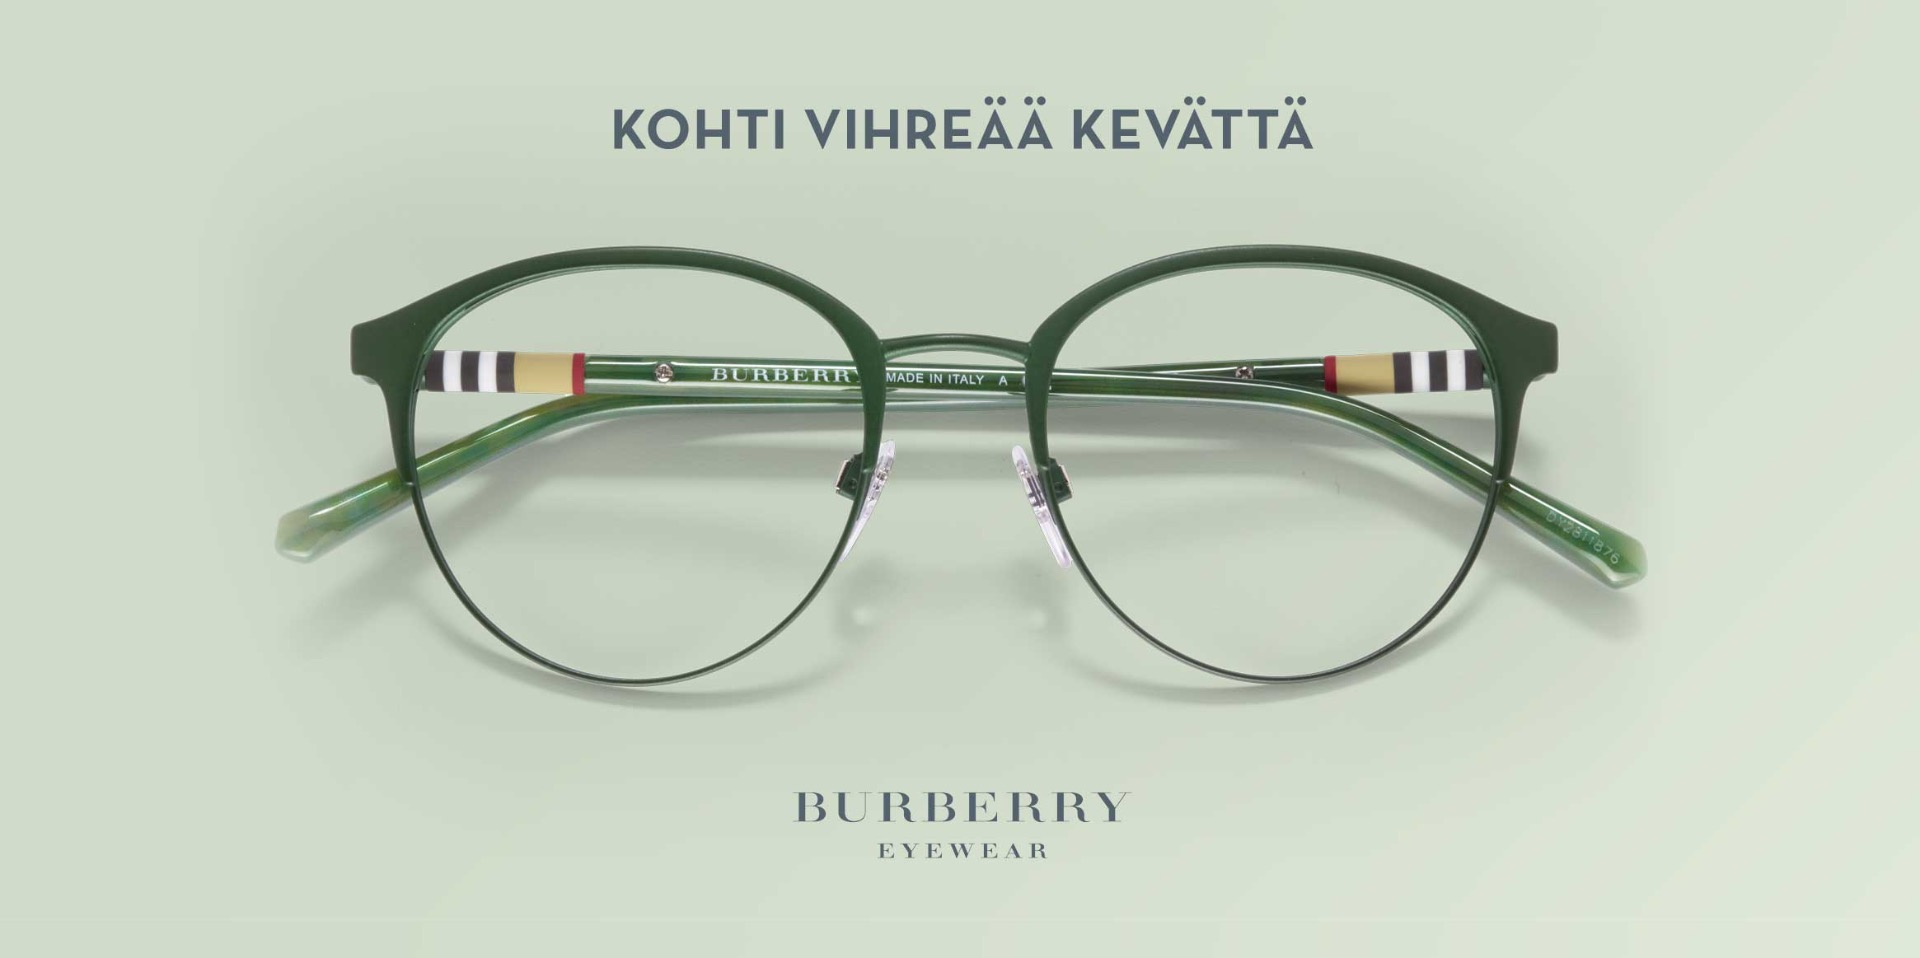 dating silmä lasit